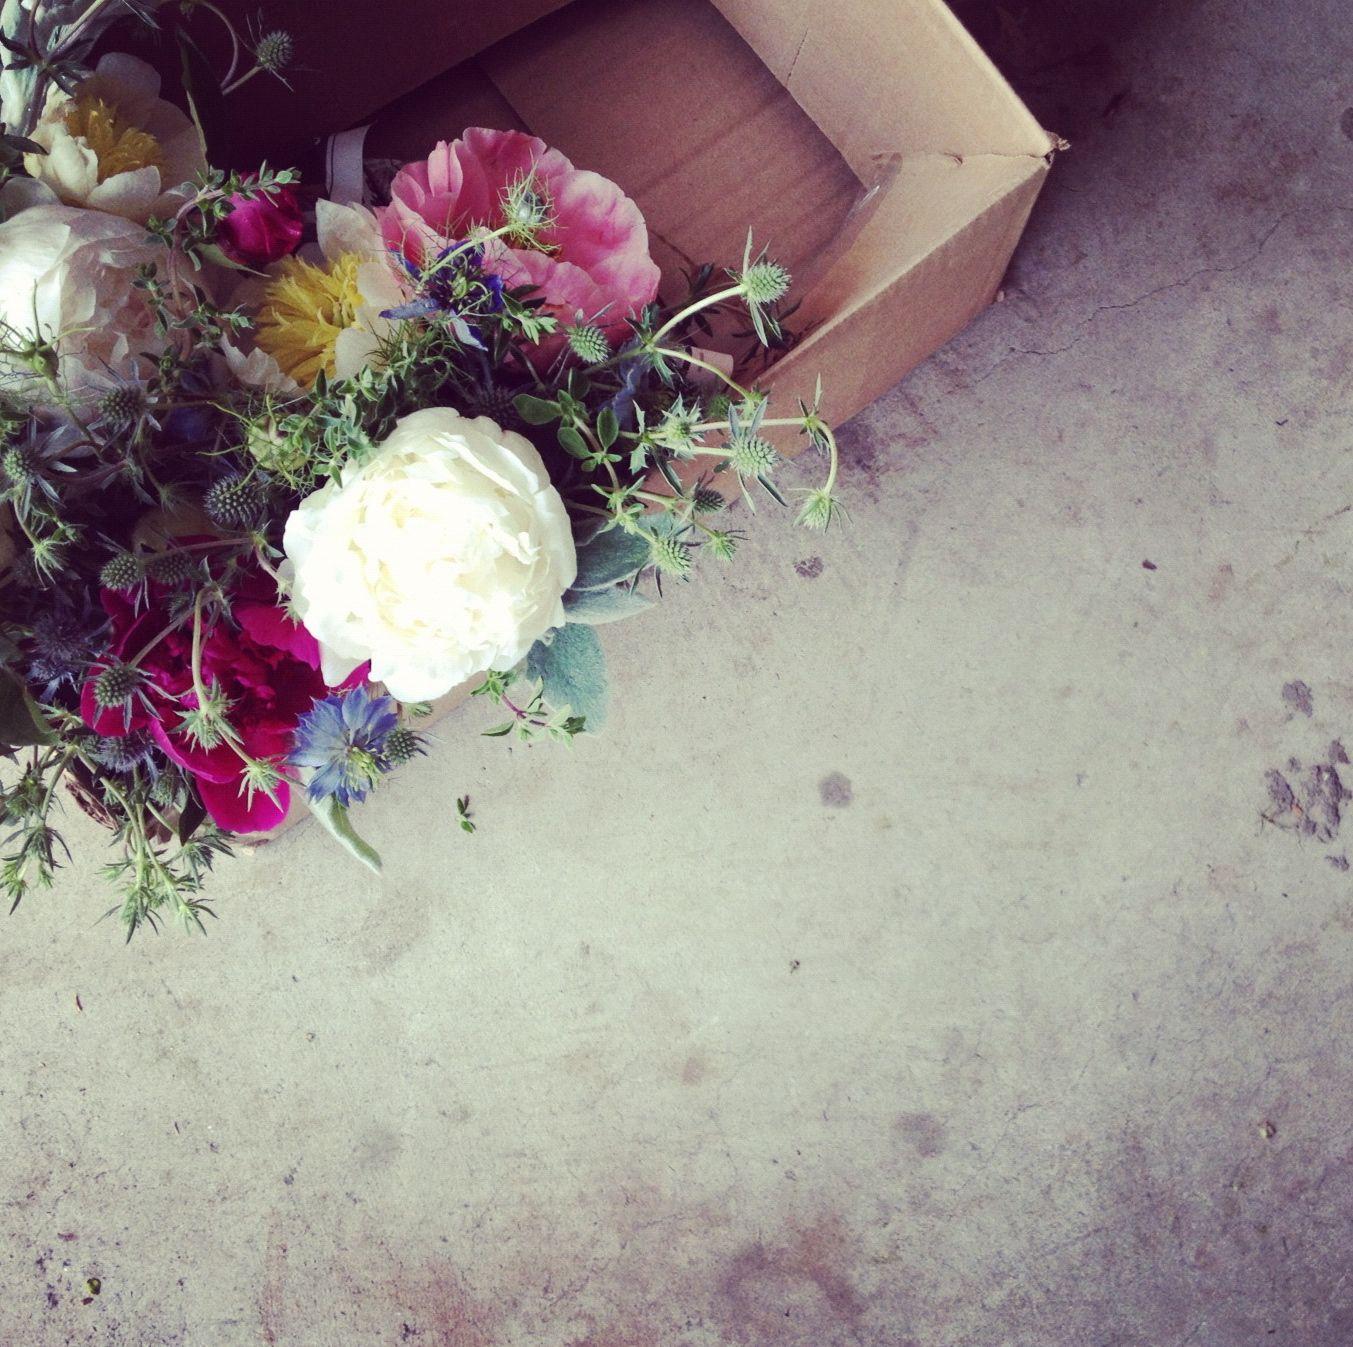 foxfodderfarm - Galleries - Flowers and Such